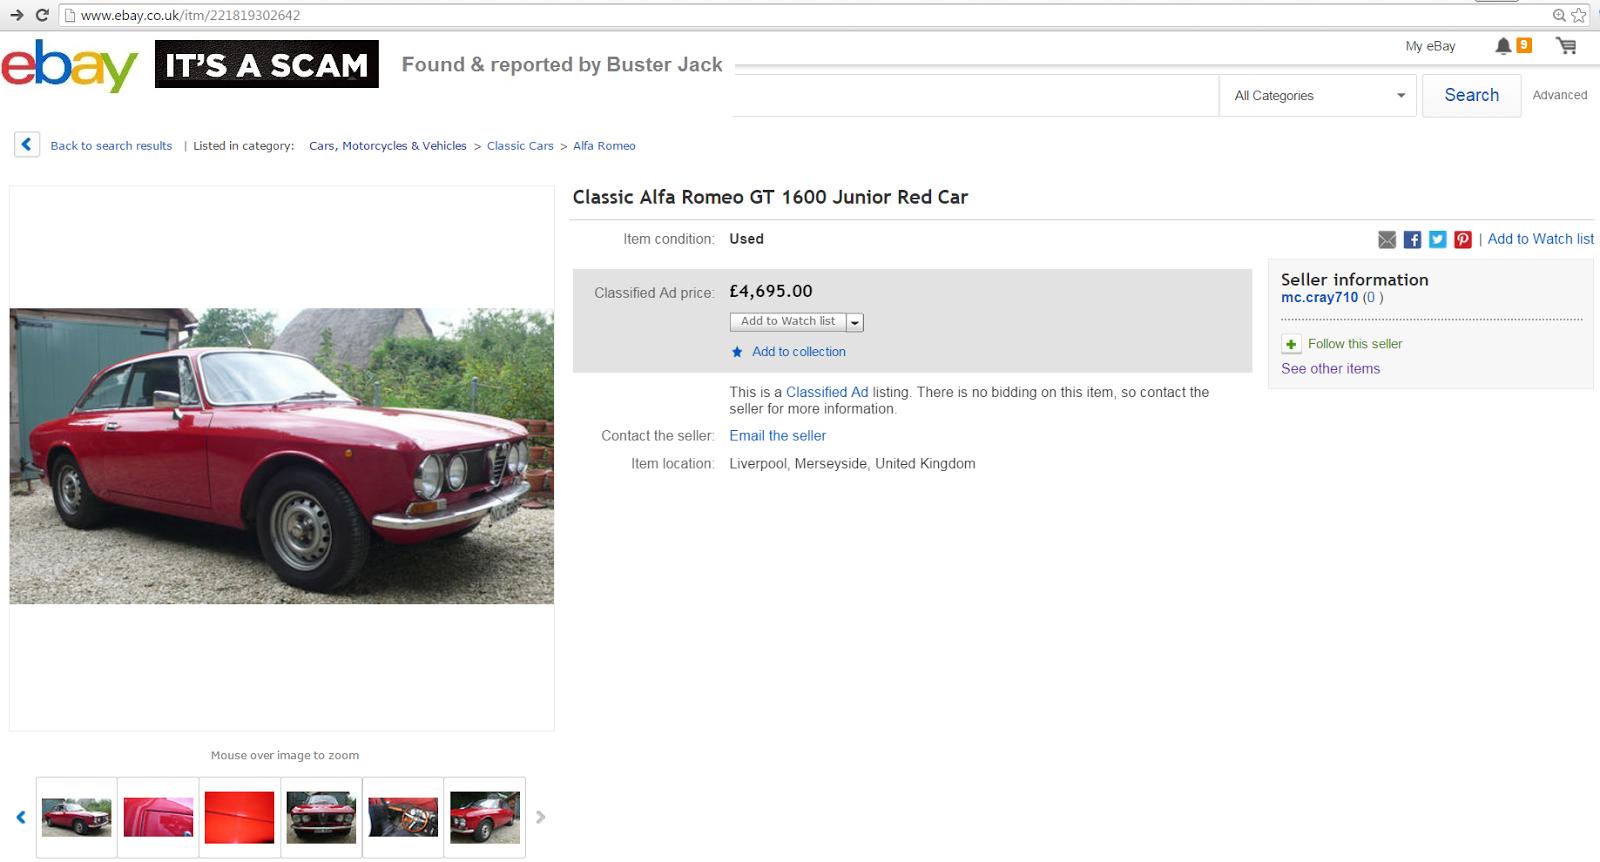 EBAY SCAM : Classic Alfa Romeo GT 1600 Junior Red Car   NOC58R ...